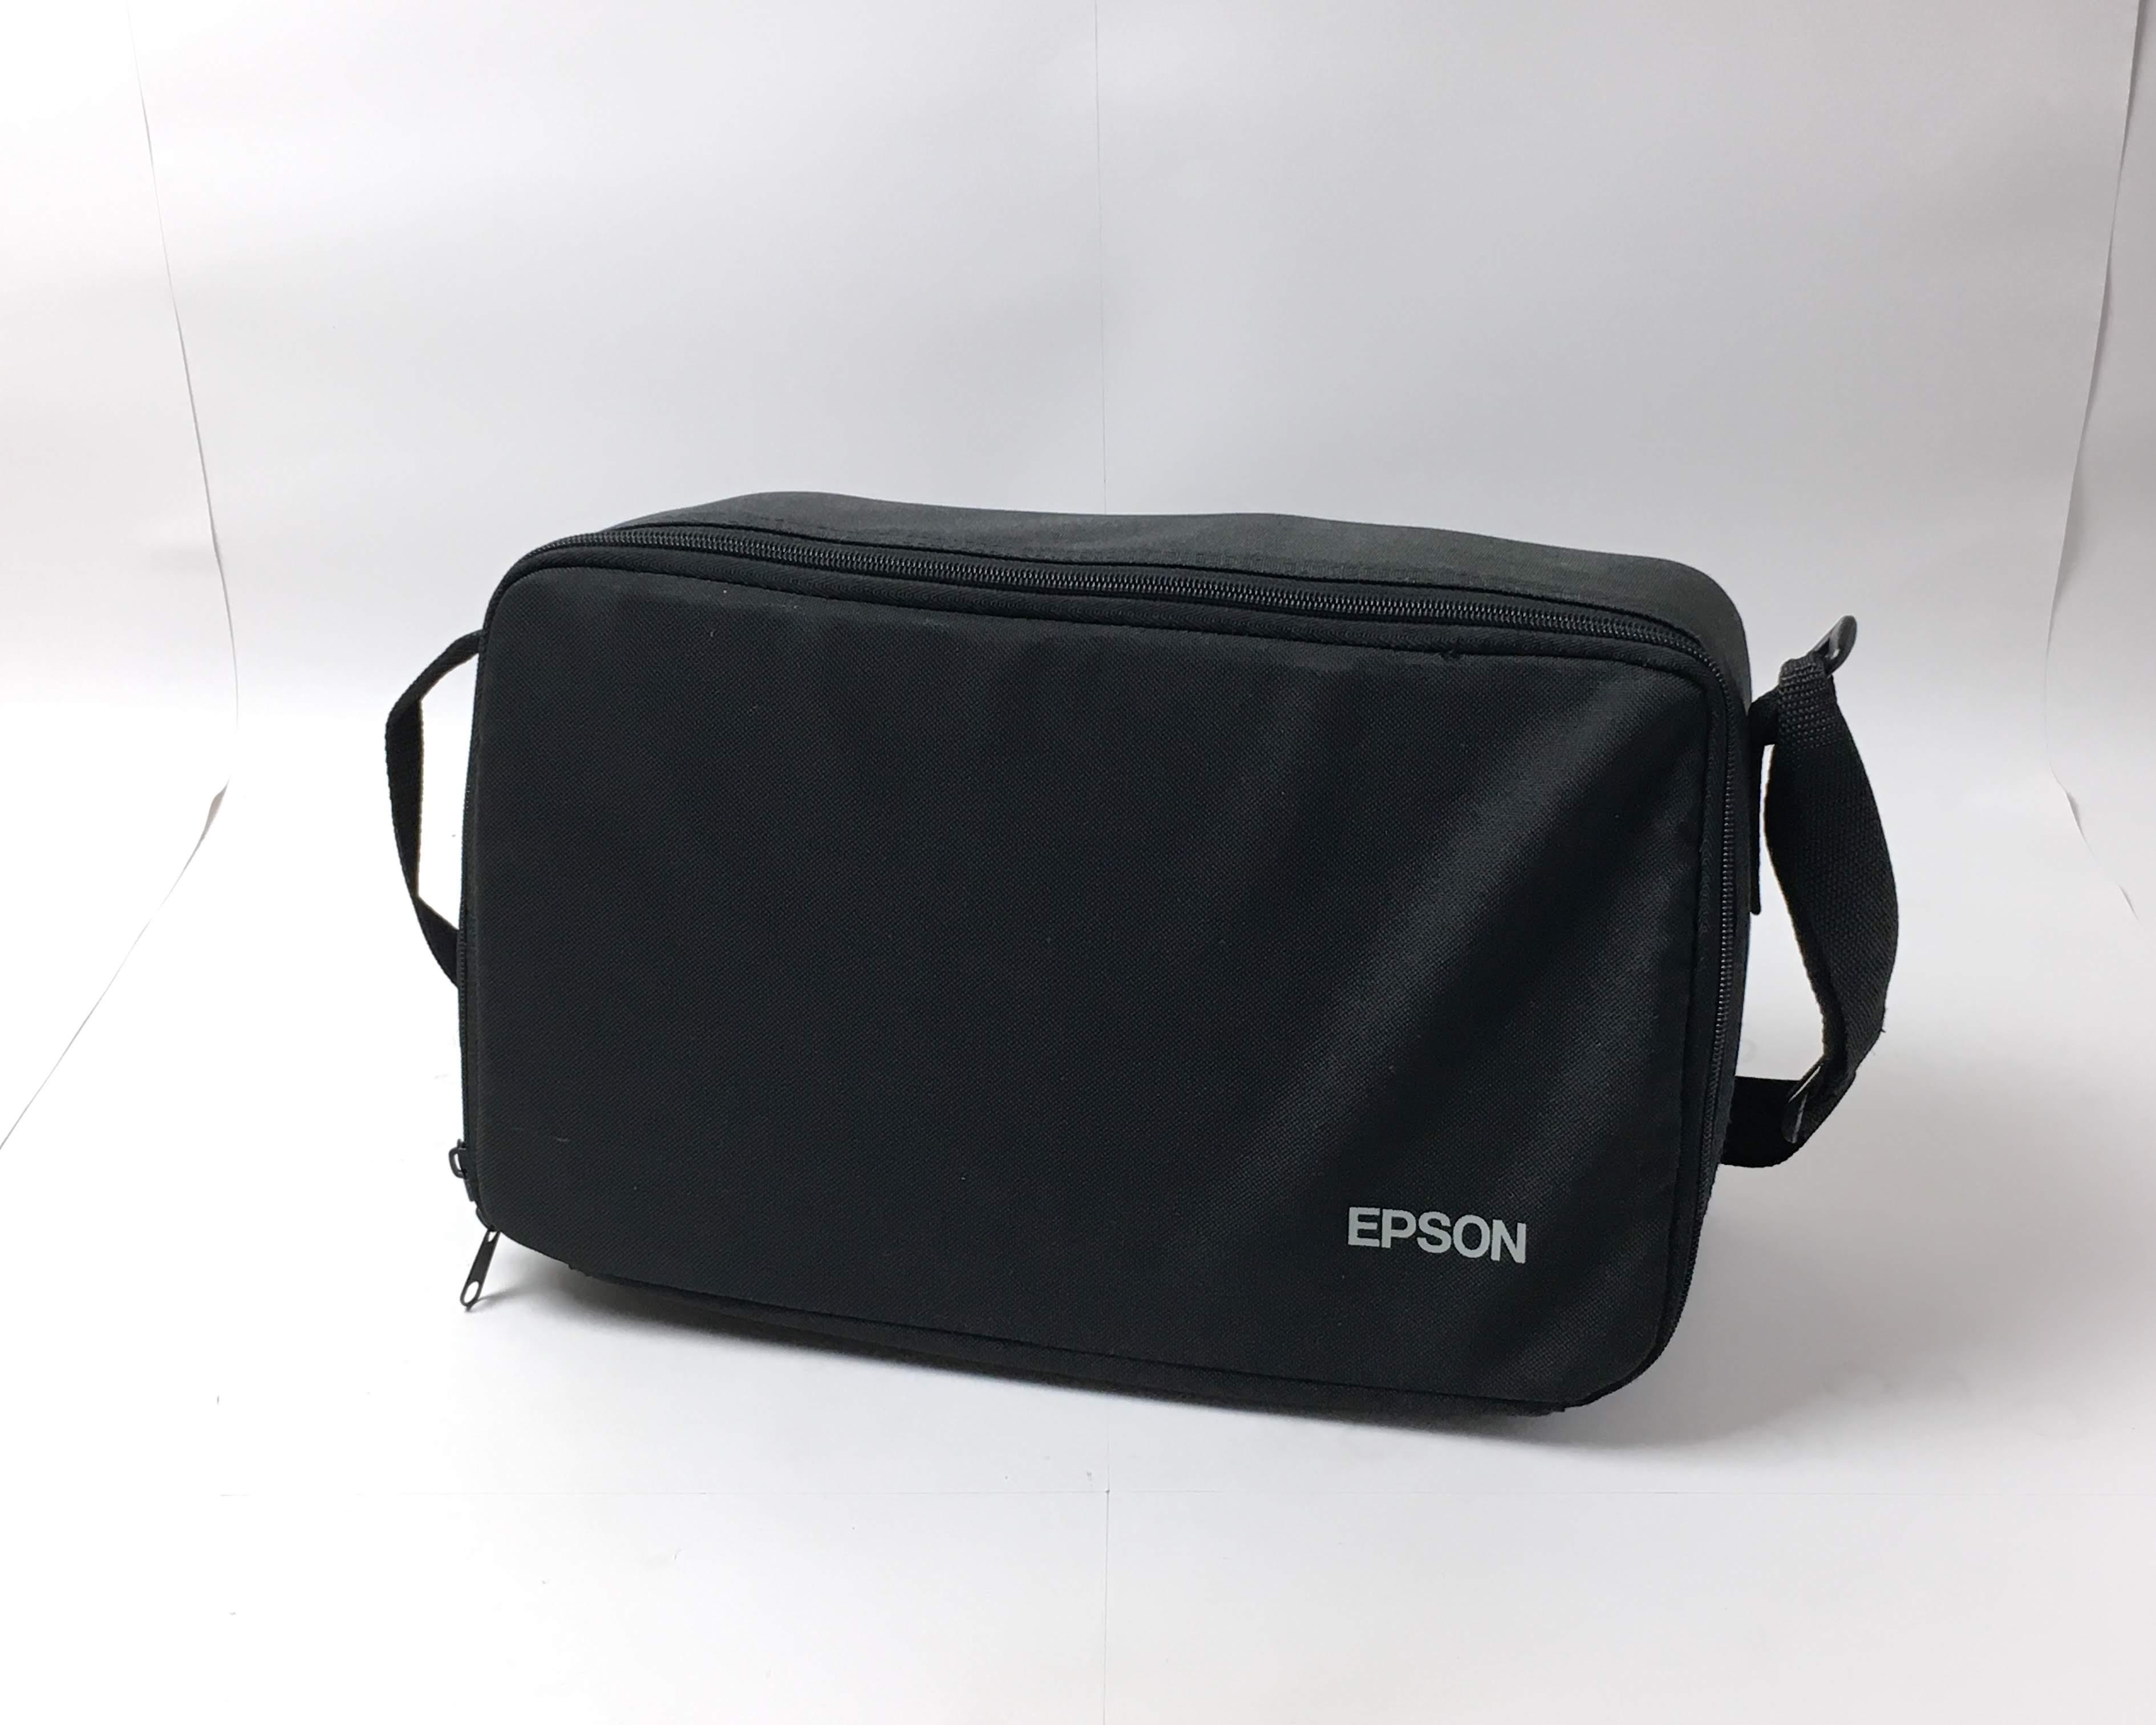 【優良中古】EPSON プロジェクター ELPDC20 書画カメラ メイン画像